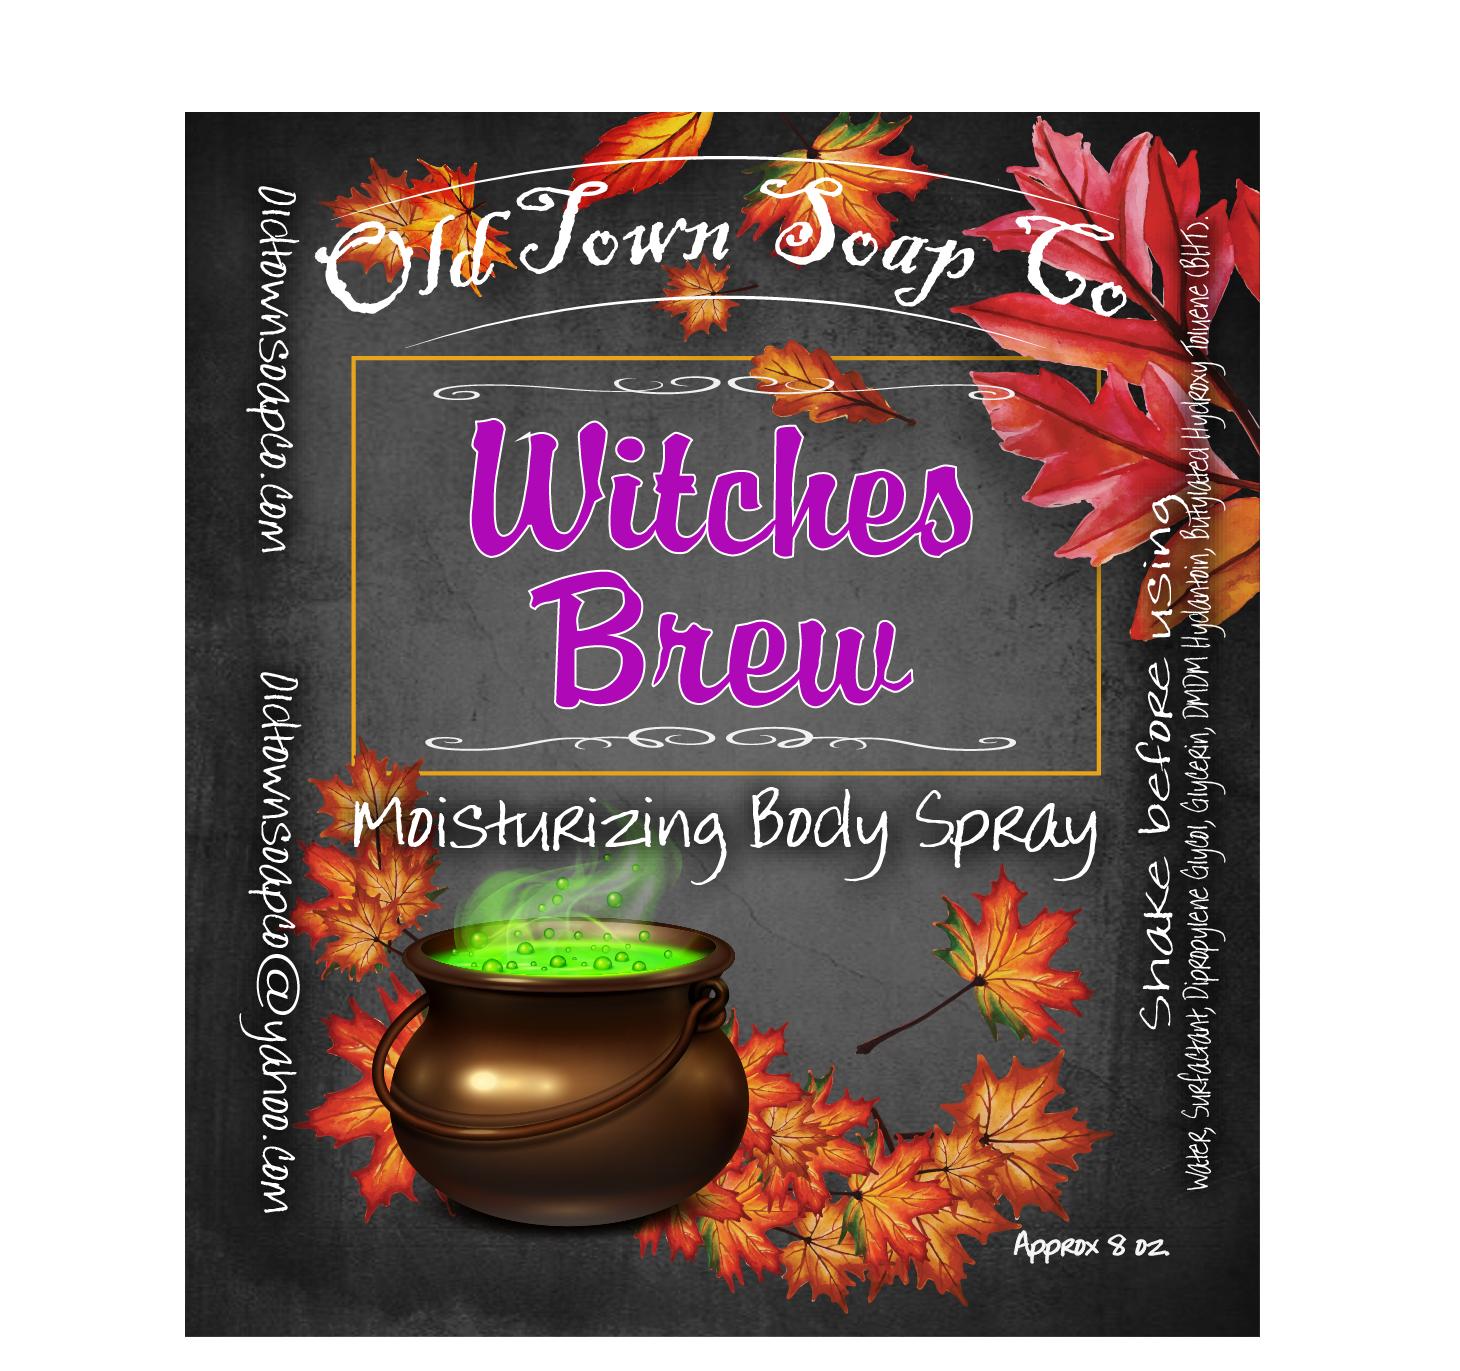 Witches Brew -Body Spray